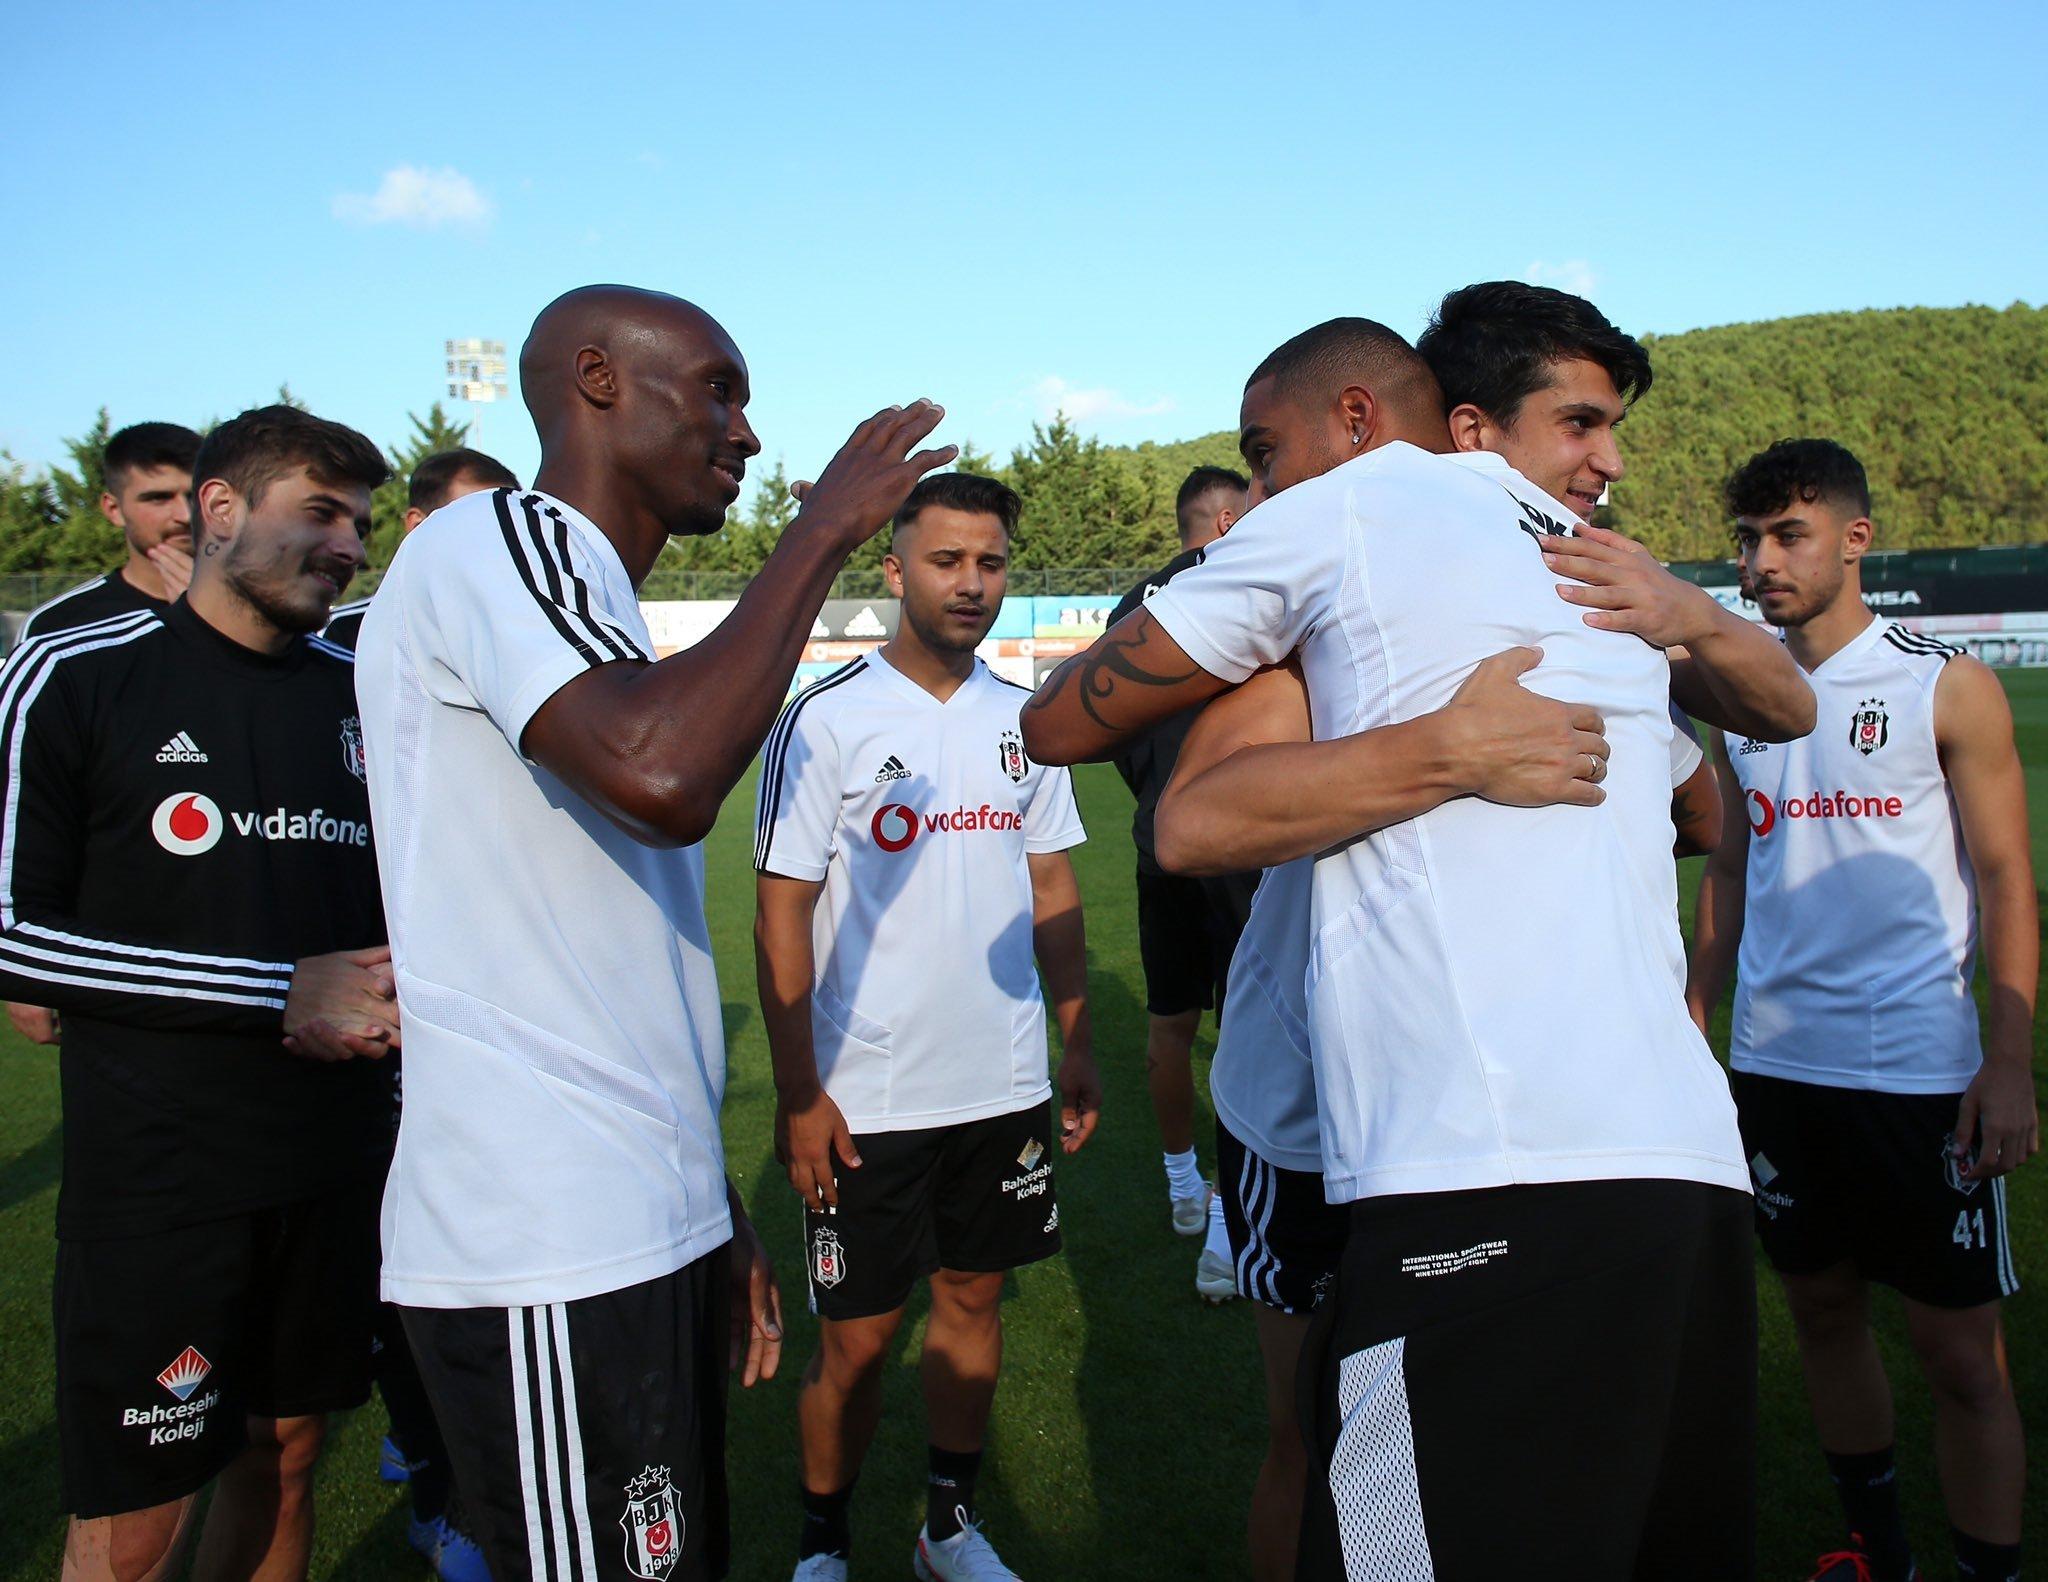 besiktasta kevin prince boateng besiktasa veda etti 1595523970196 - Son dakika: Beşiktaş'ta Kevin-Prince Boateng takımdan ayrıldı